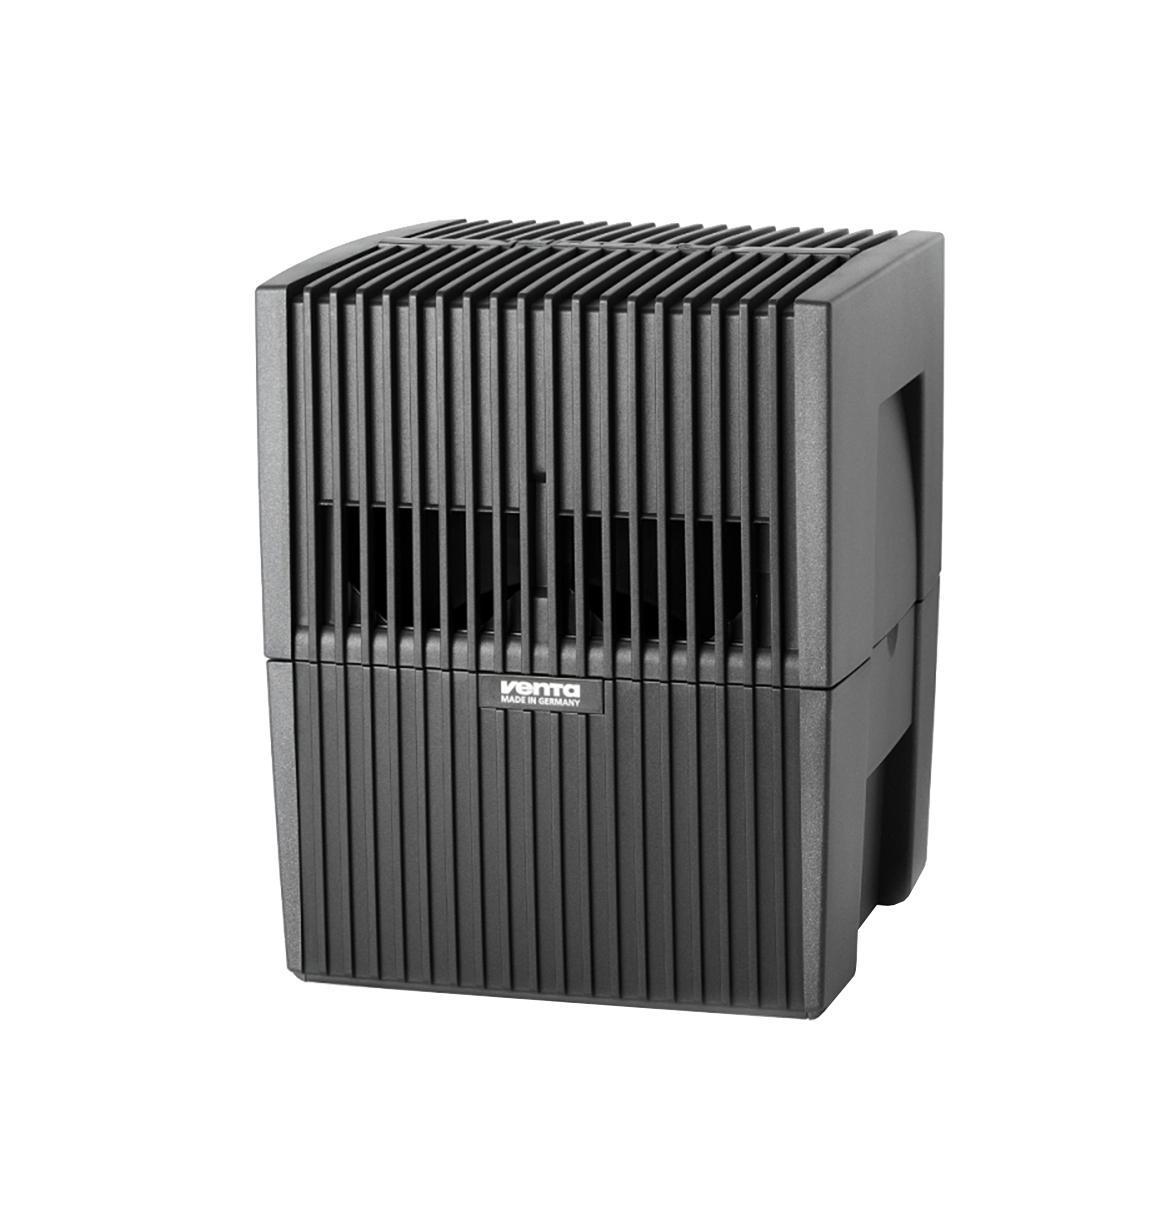 Очиститель воздуха Venta LW 15, Black Venta